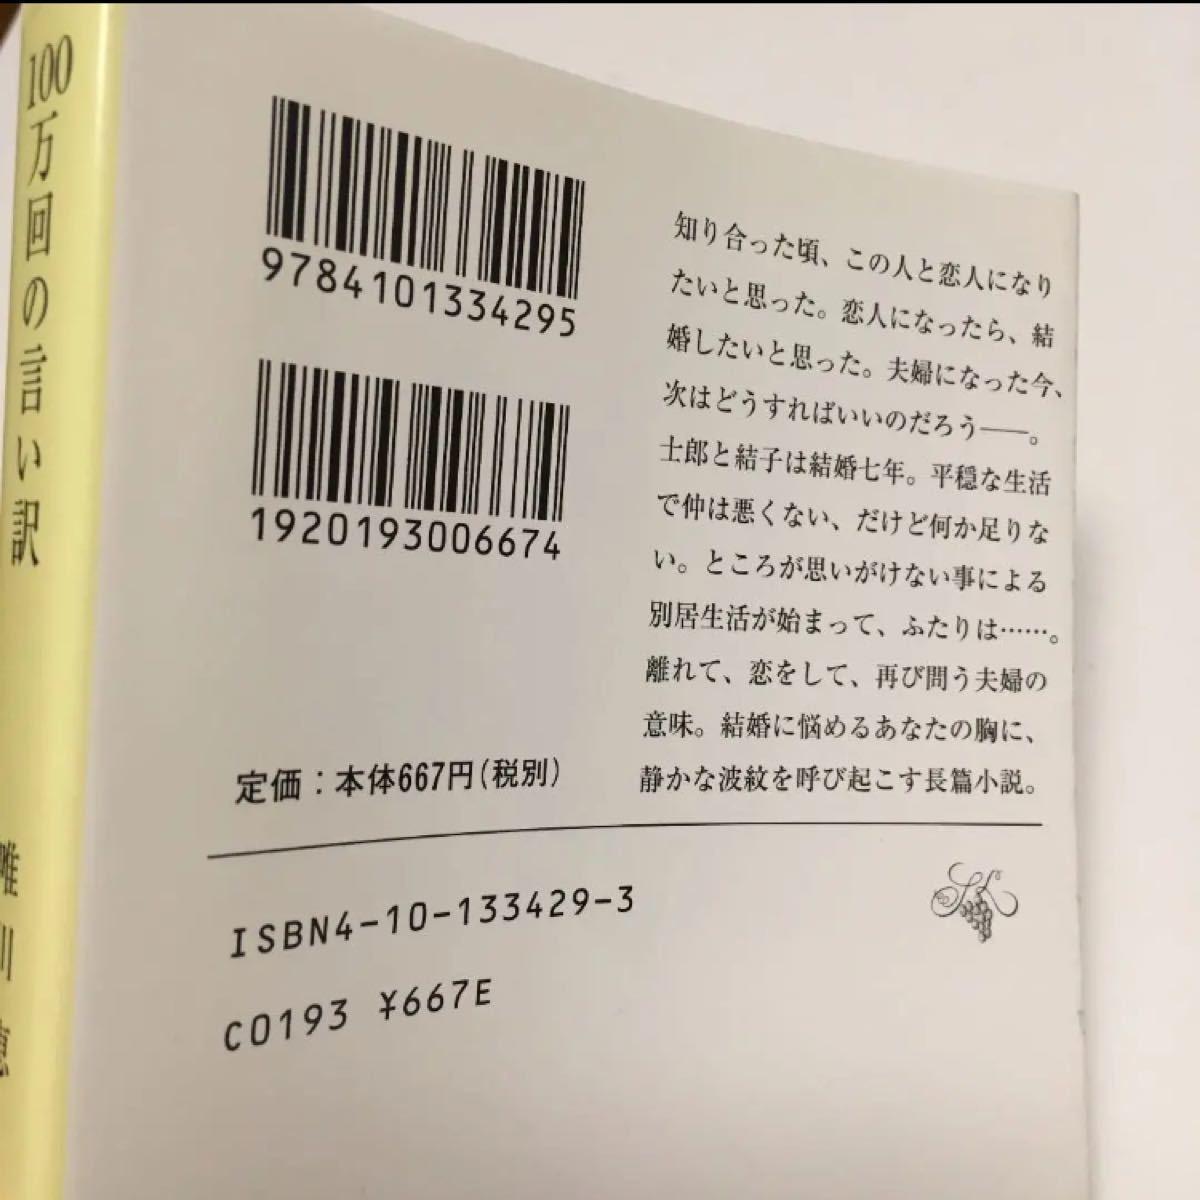 恋愛小説 まとめ売り 唯川恵 片山恭一 江國香織 林真理子 文庫本 小説 本